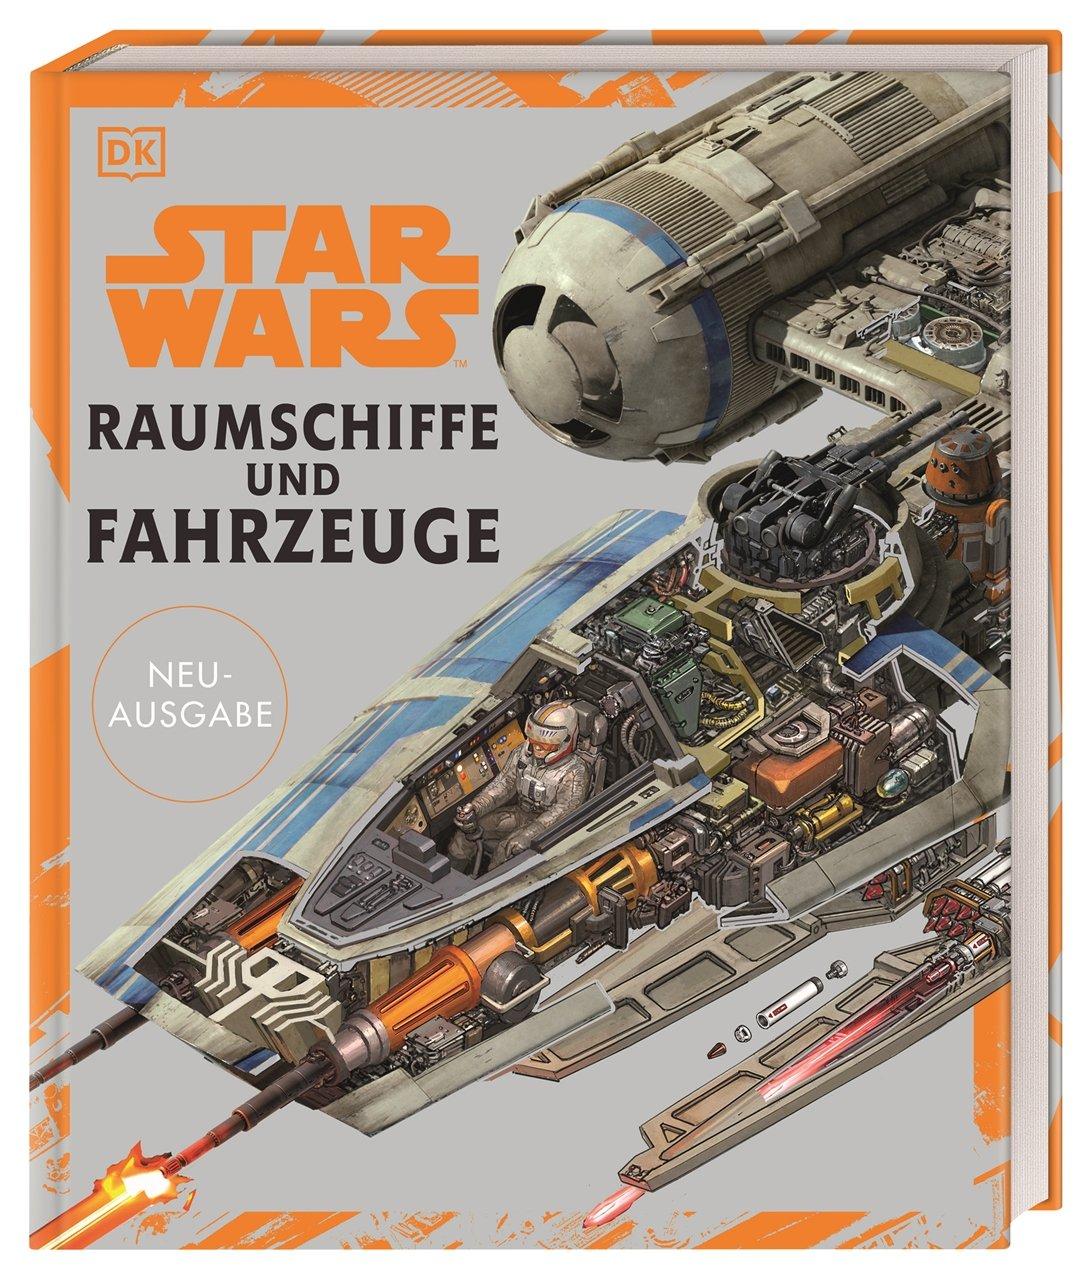 Star Wars: Raumschiffe und Fahrzeuge - Neuausgabe (27.10.2020)